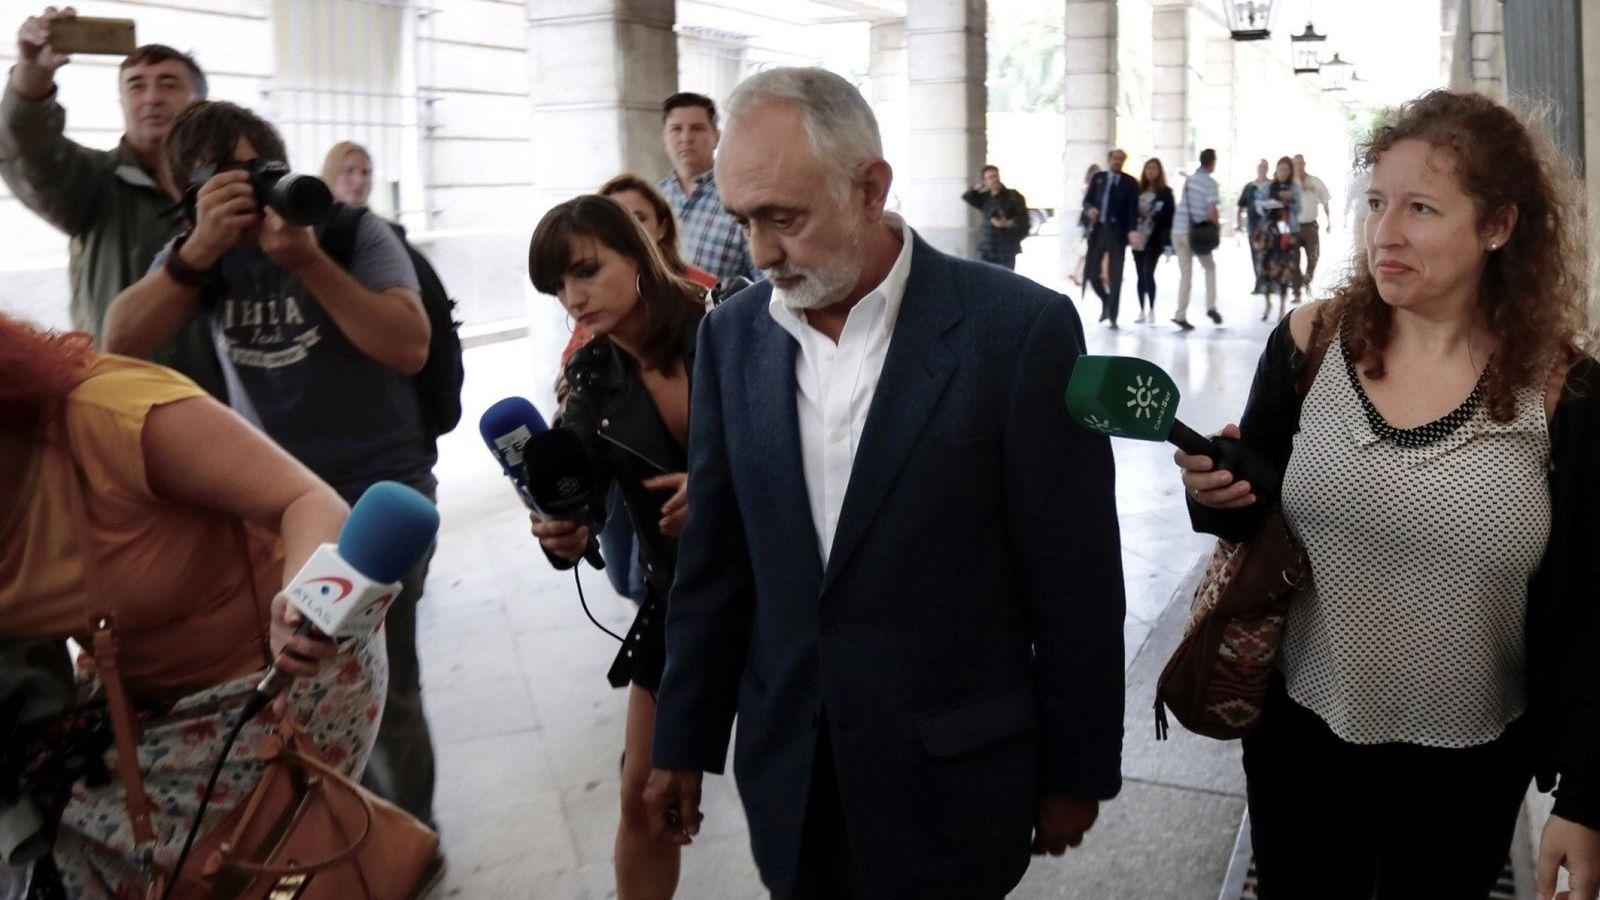 Foto: El exdirector de la extinta Fundación Andaluza Fondo Formación y Empleo (Faffe) Fernando Villén tras declarar hoy en el juzgado de Sevilla. (EFE)